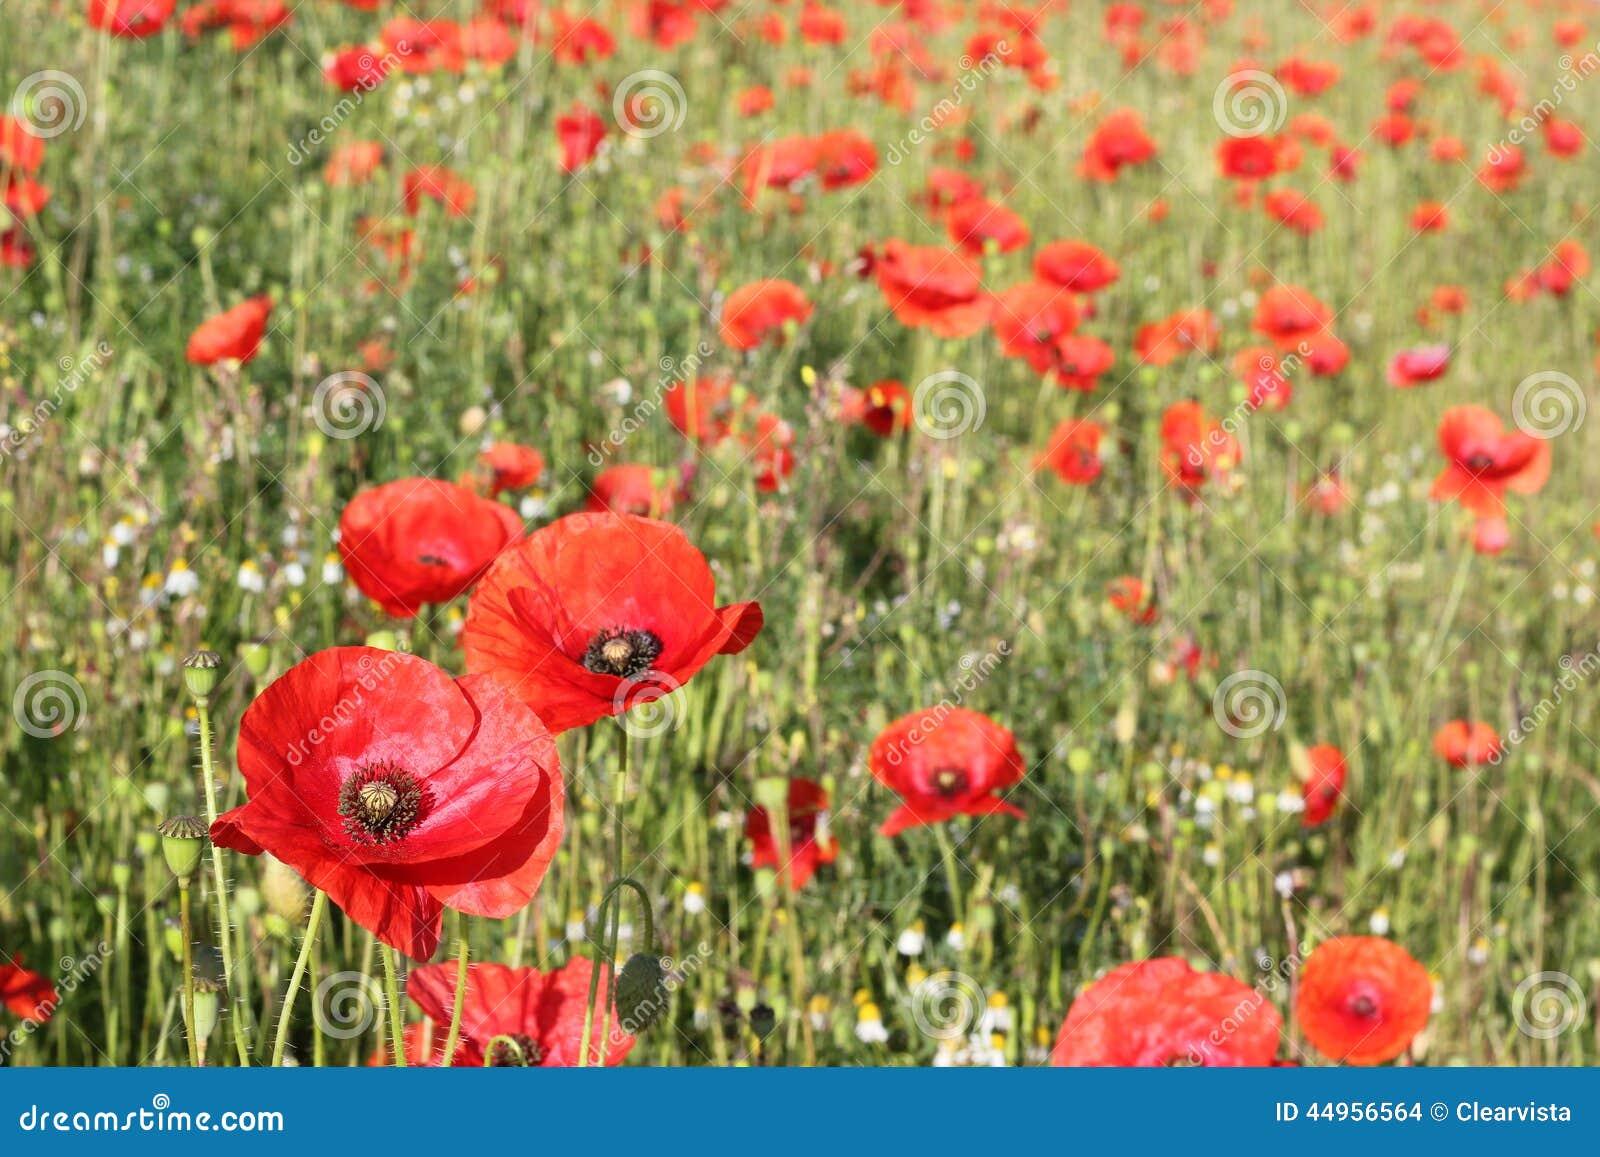 Bunte rote wilde Mohnblumen auf einem Gebiet